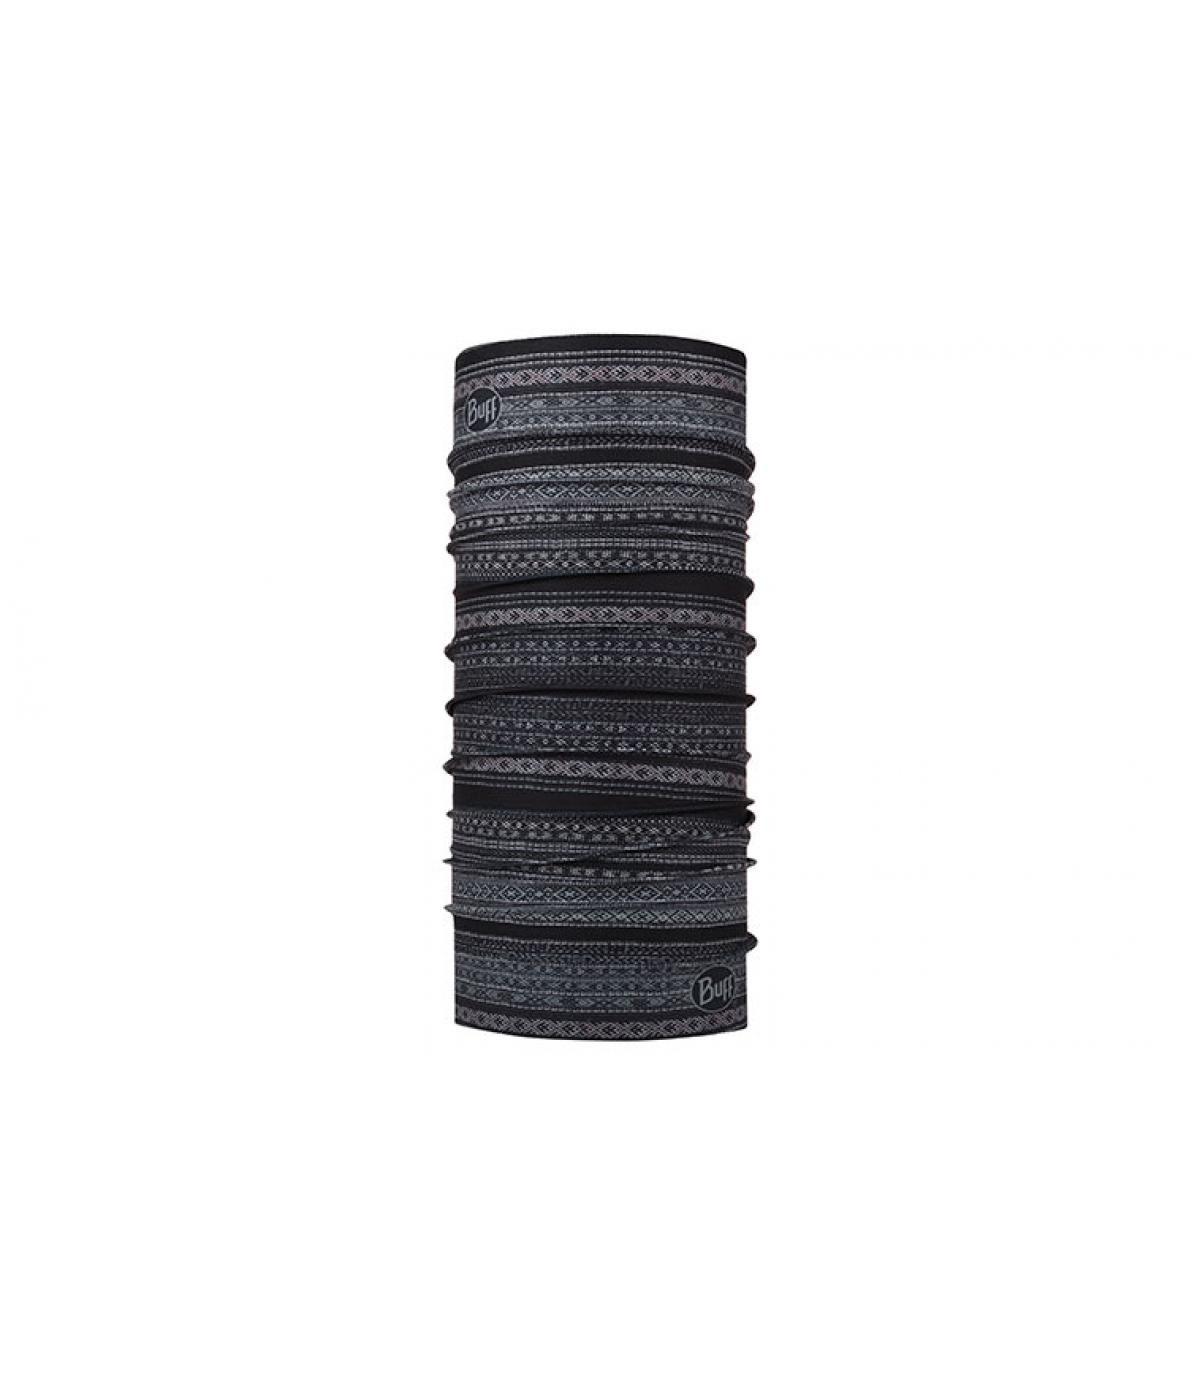 Buff nero grigio stampato